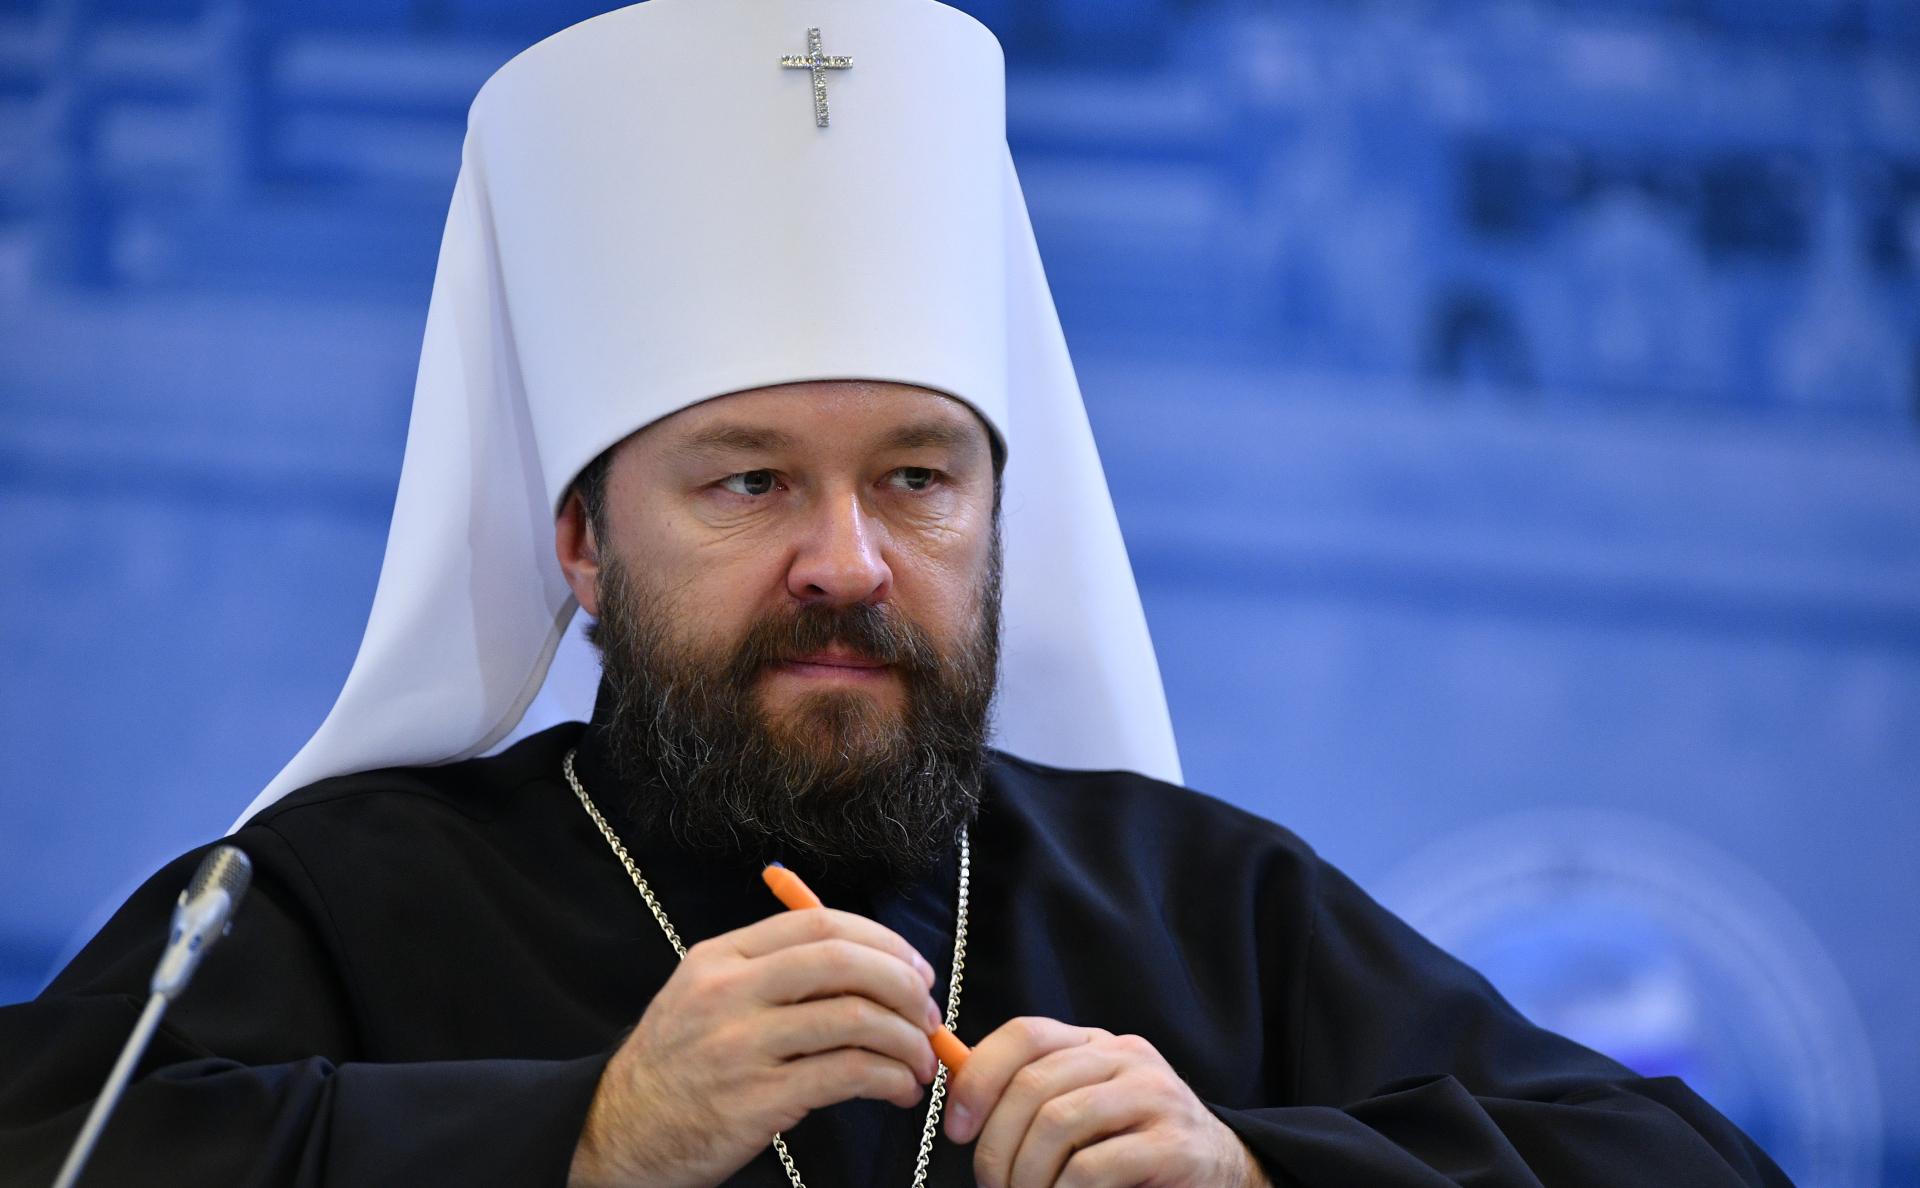 В РПЦ сравнили участие иерархов УПЦ в соборе Киева с предательством Иу